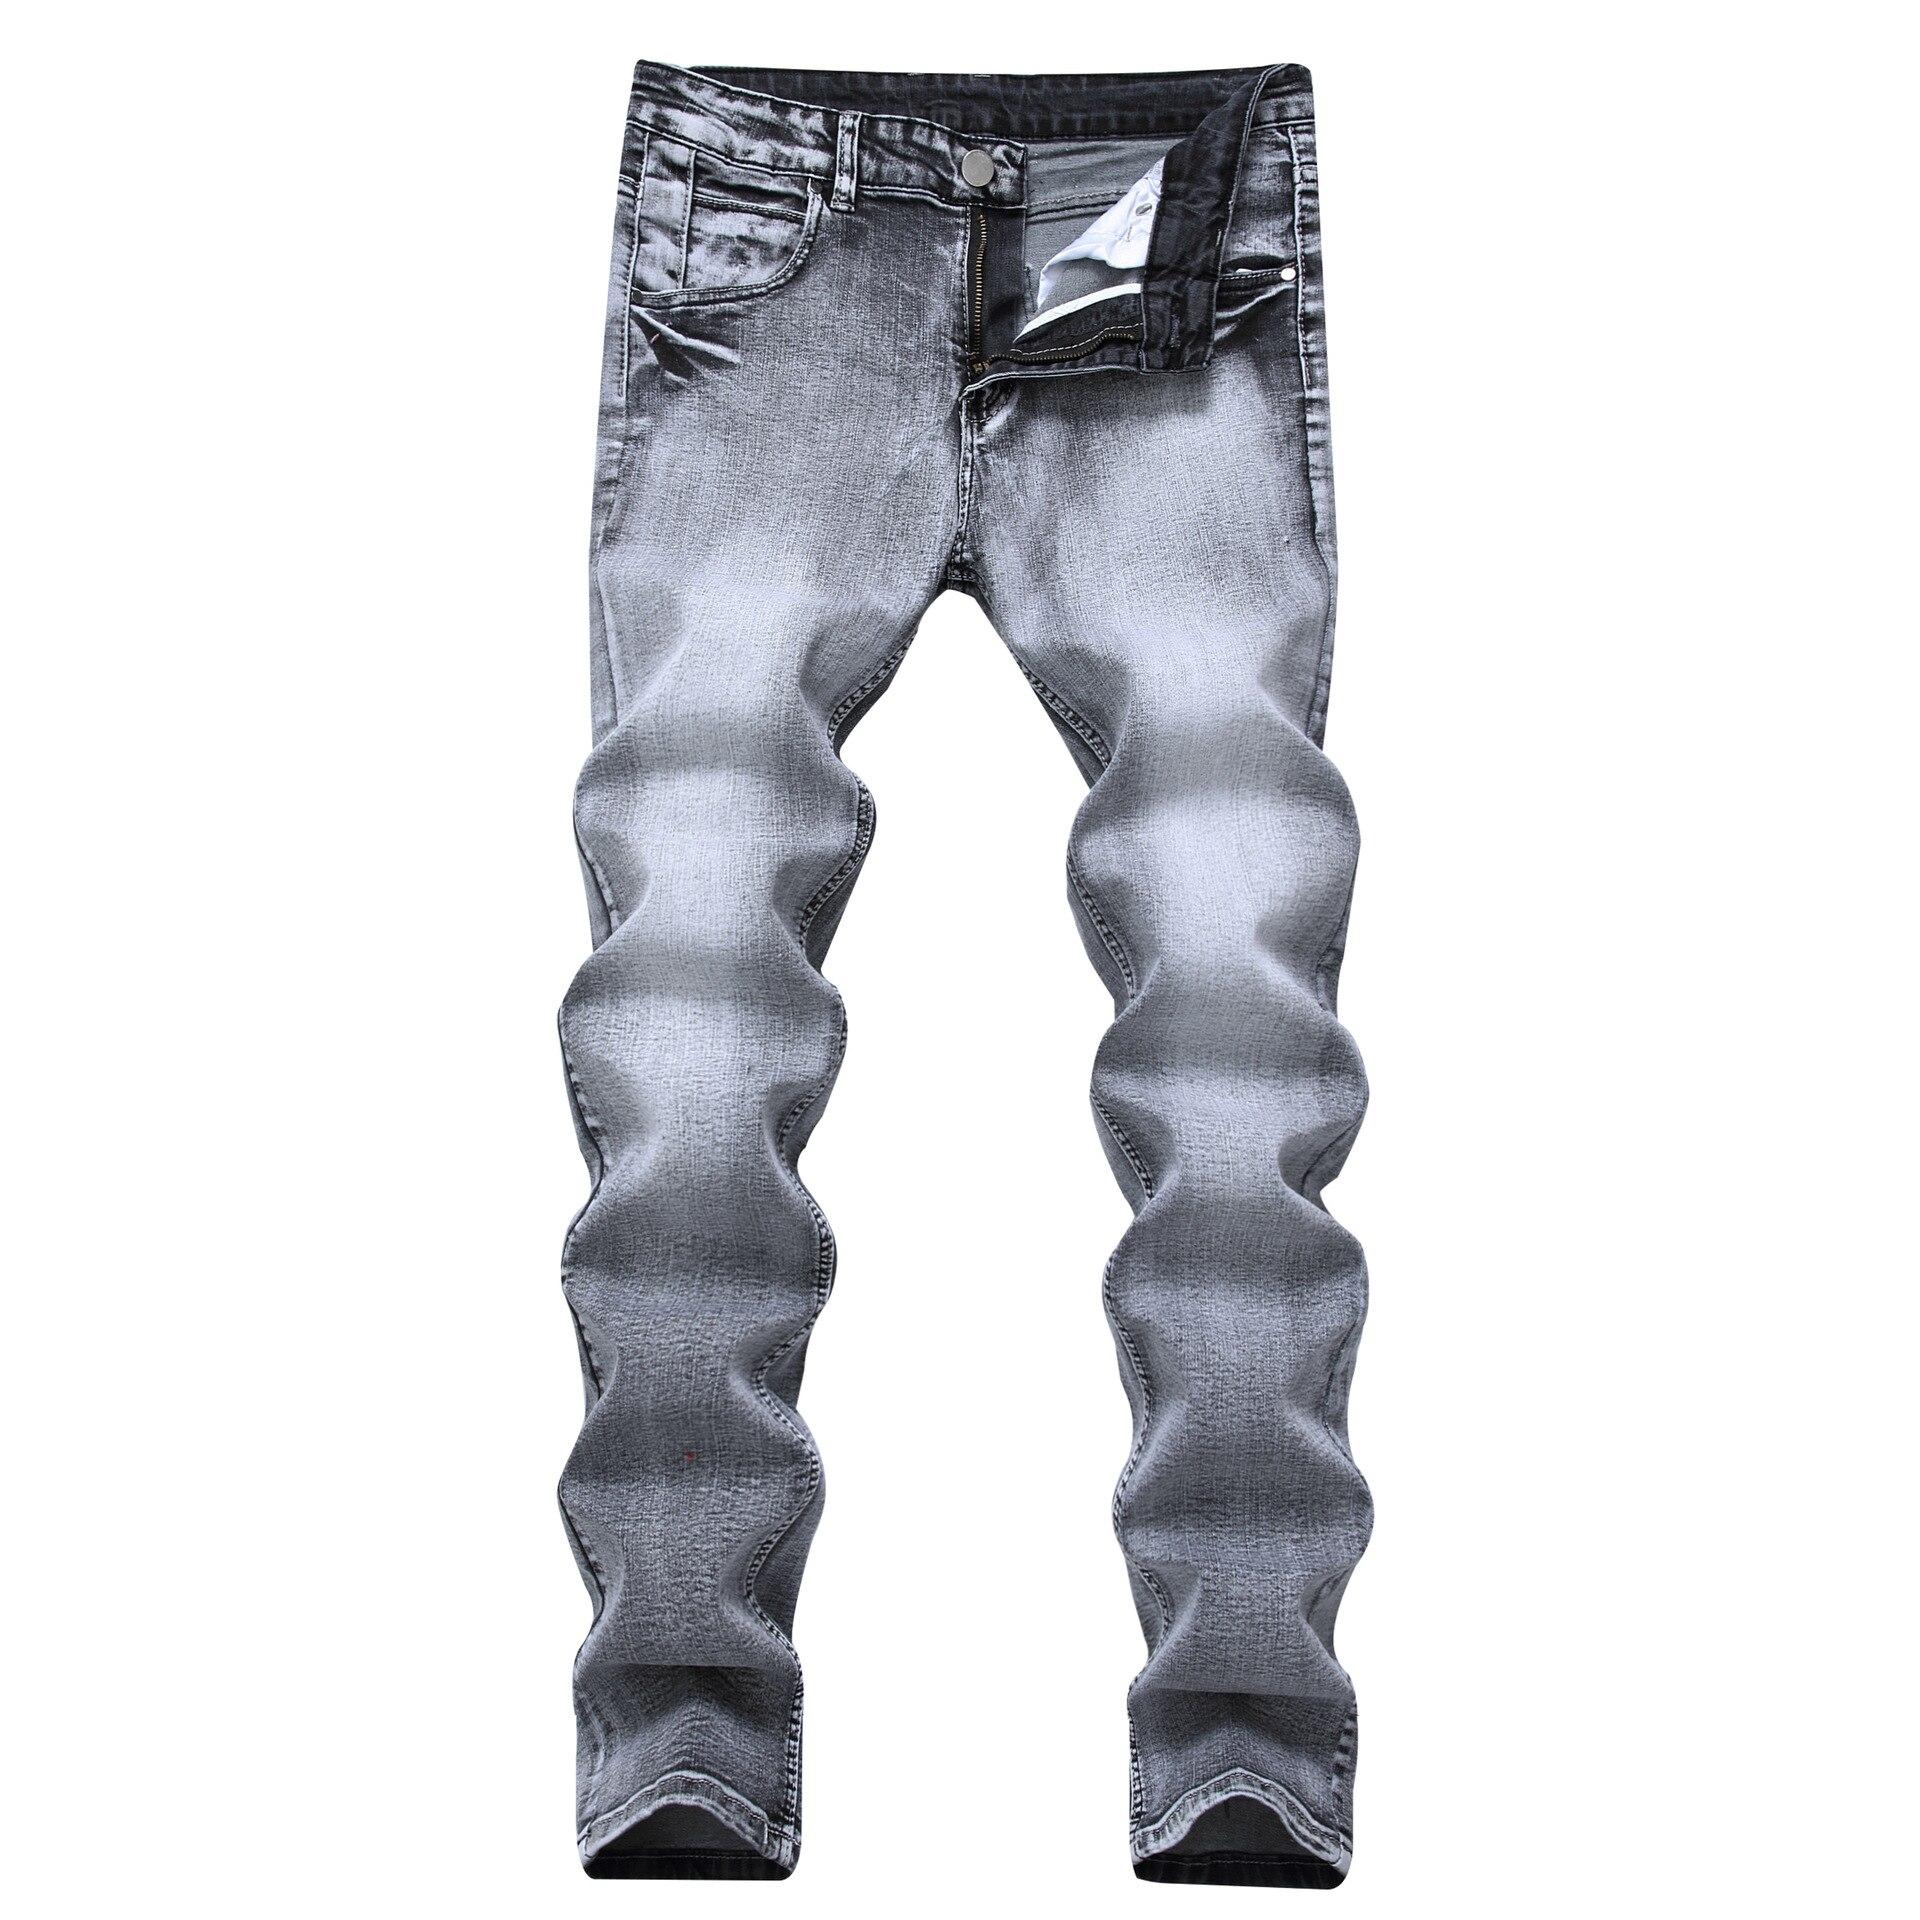 Light color jeans men